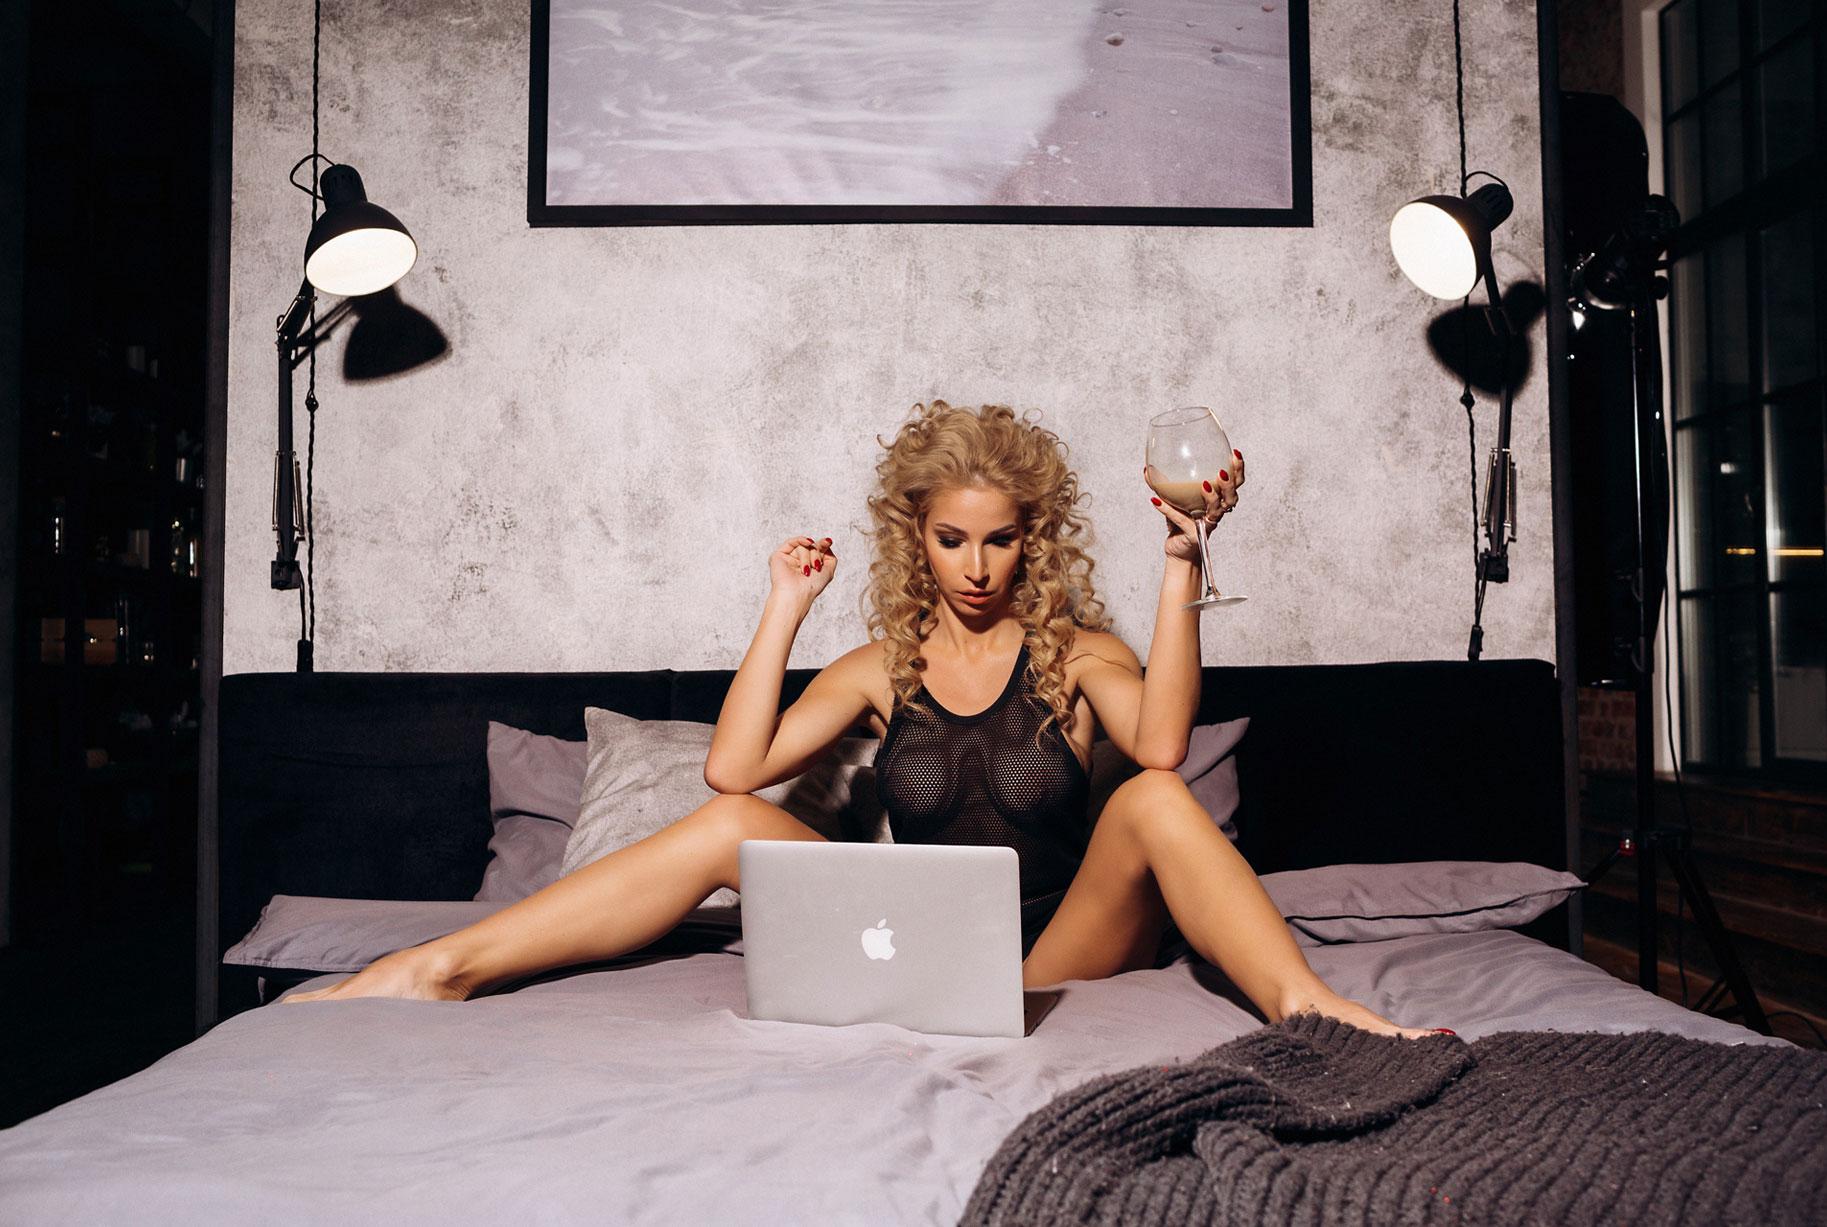 Девушка виртуального Playboy - Анастасия Образцова, фотограф Светлана Никонова / Svetlana Nikonova